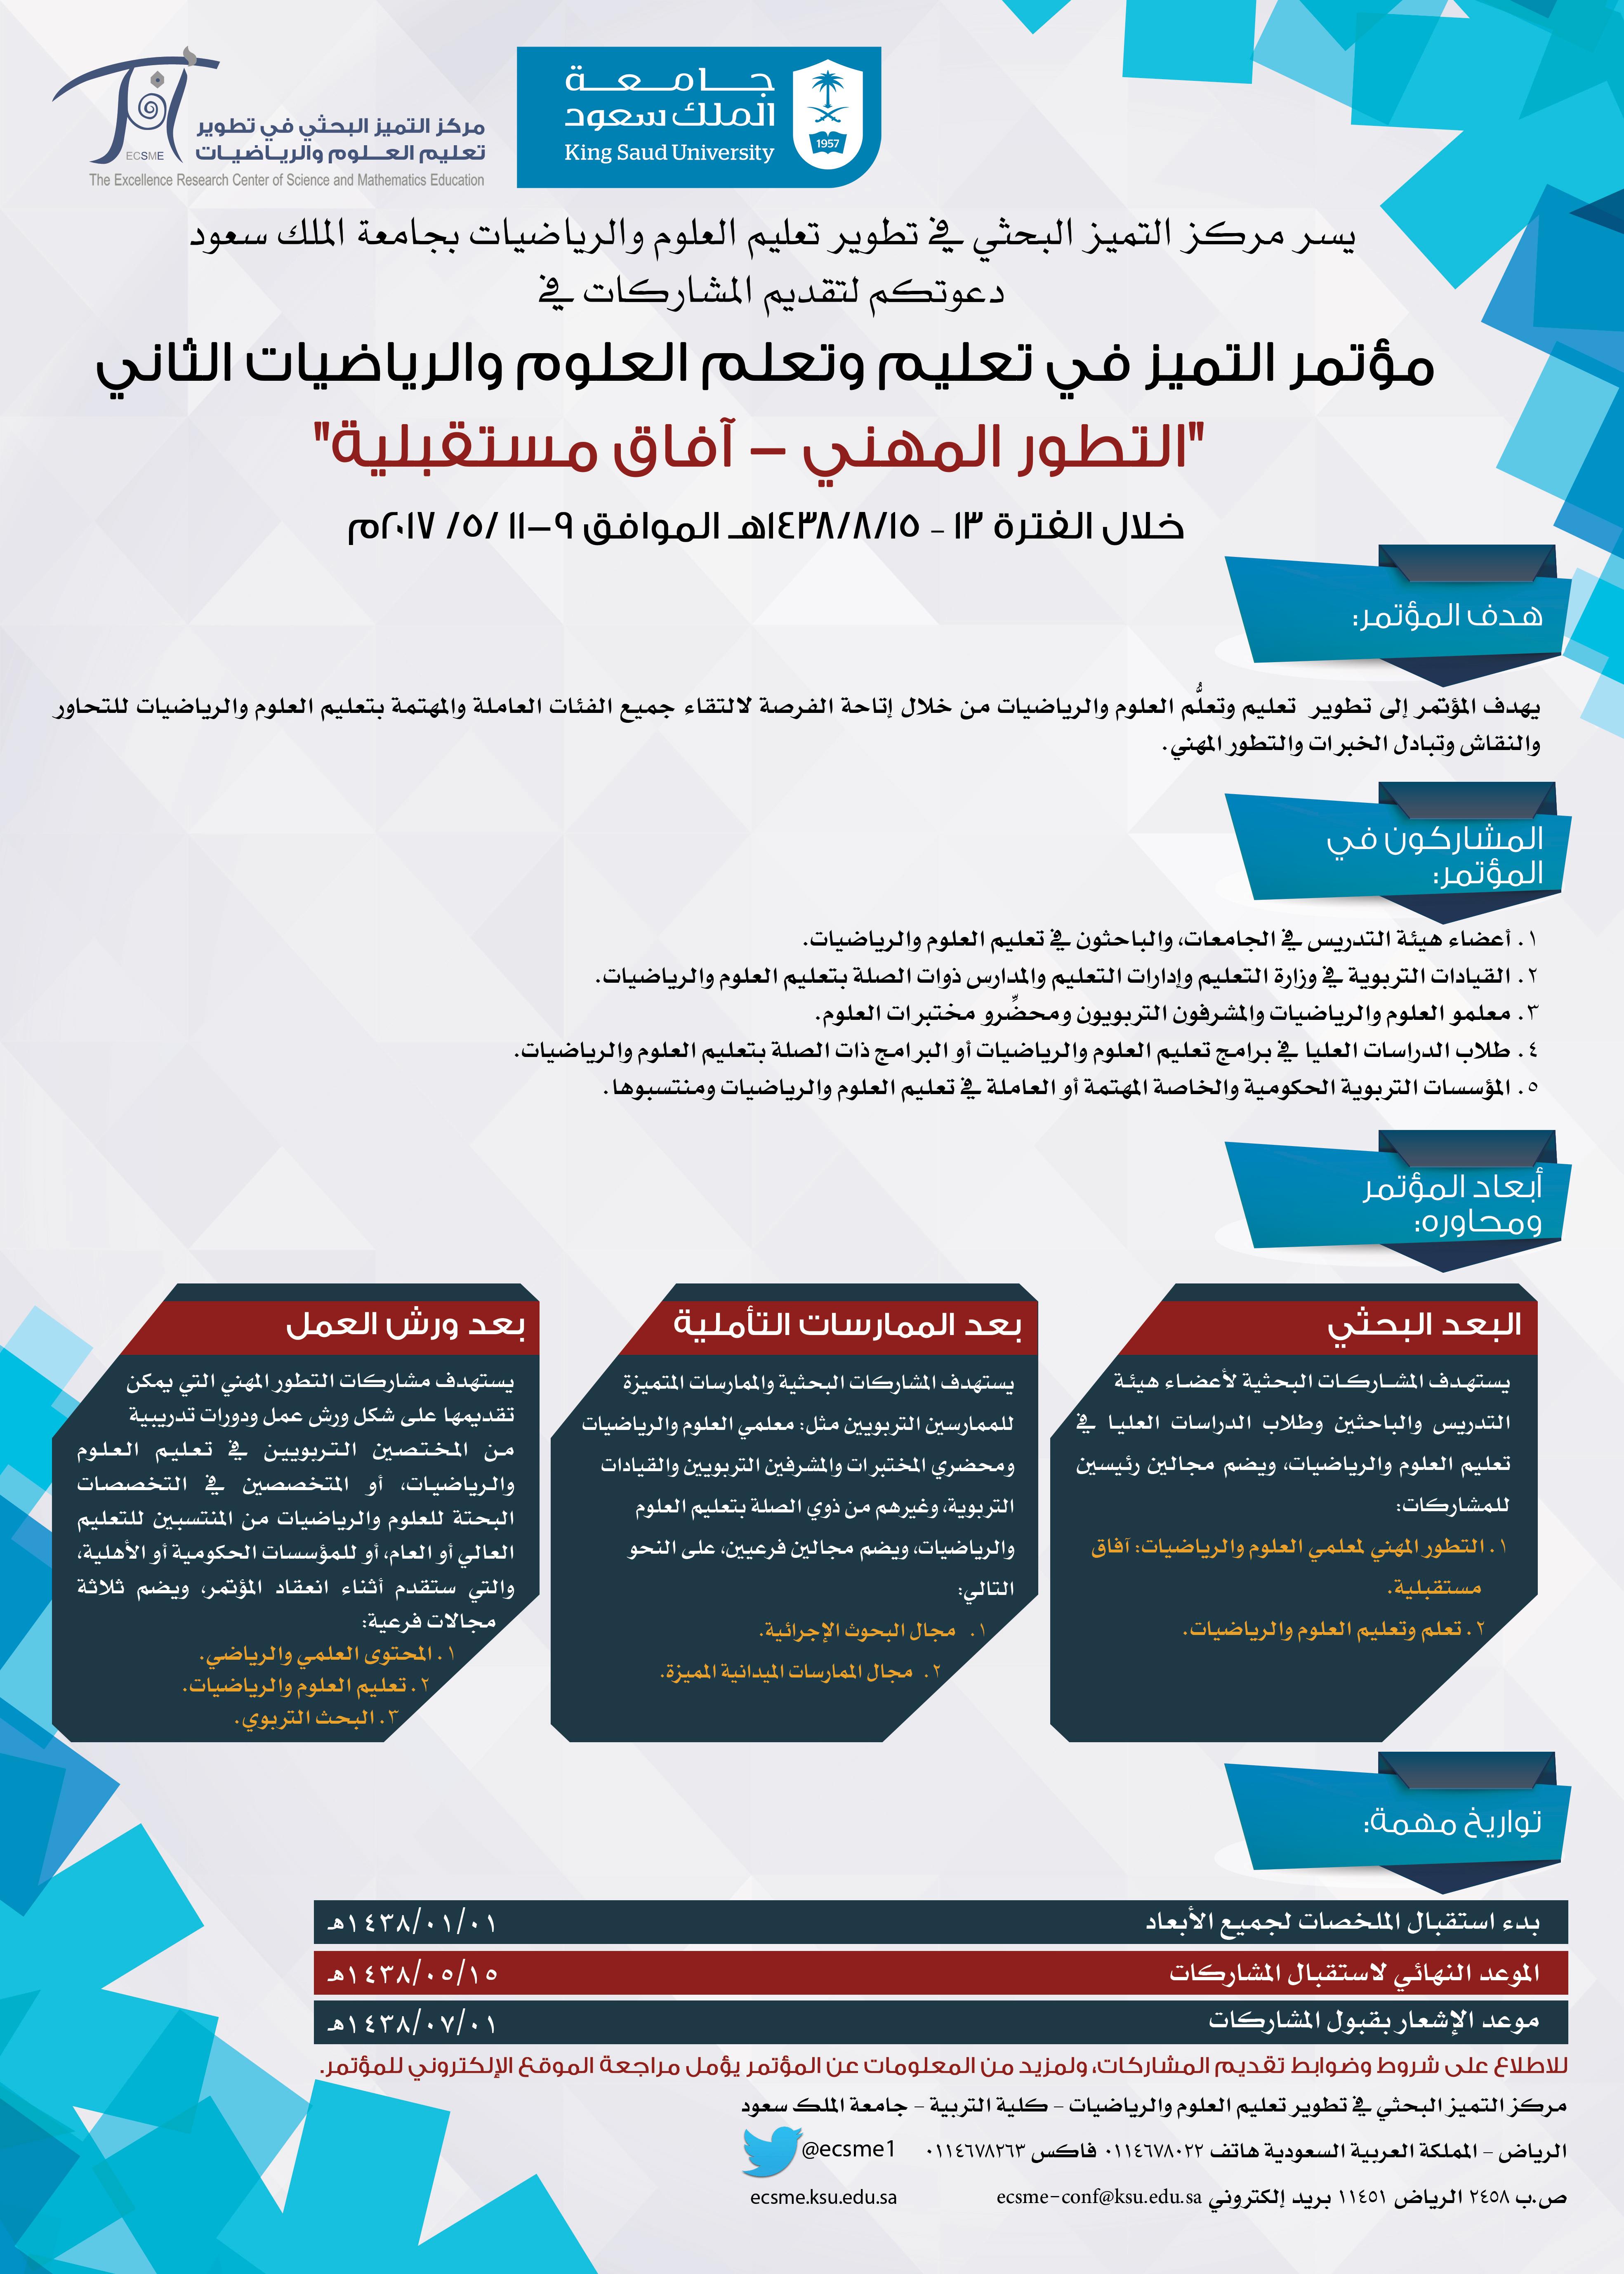 دعوة  للمشاركة في مؤتمر التميُّز في تعليم وتعلم العلوم والرياضيات الثاني: «التطور المهني - آفاق مستقبلية»